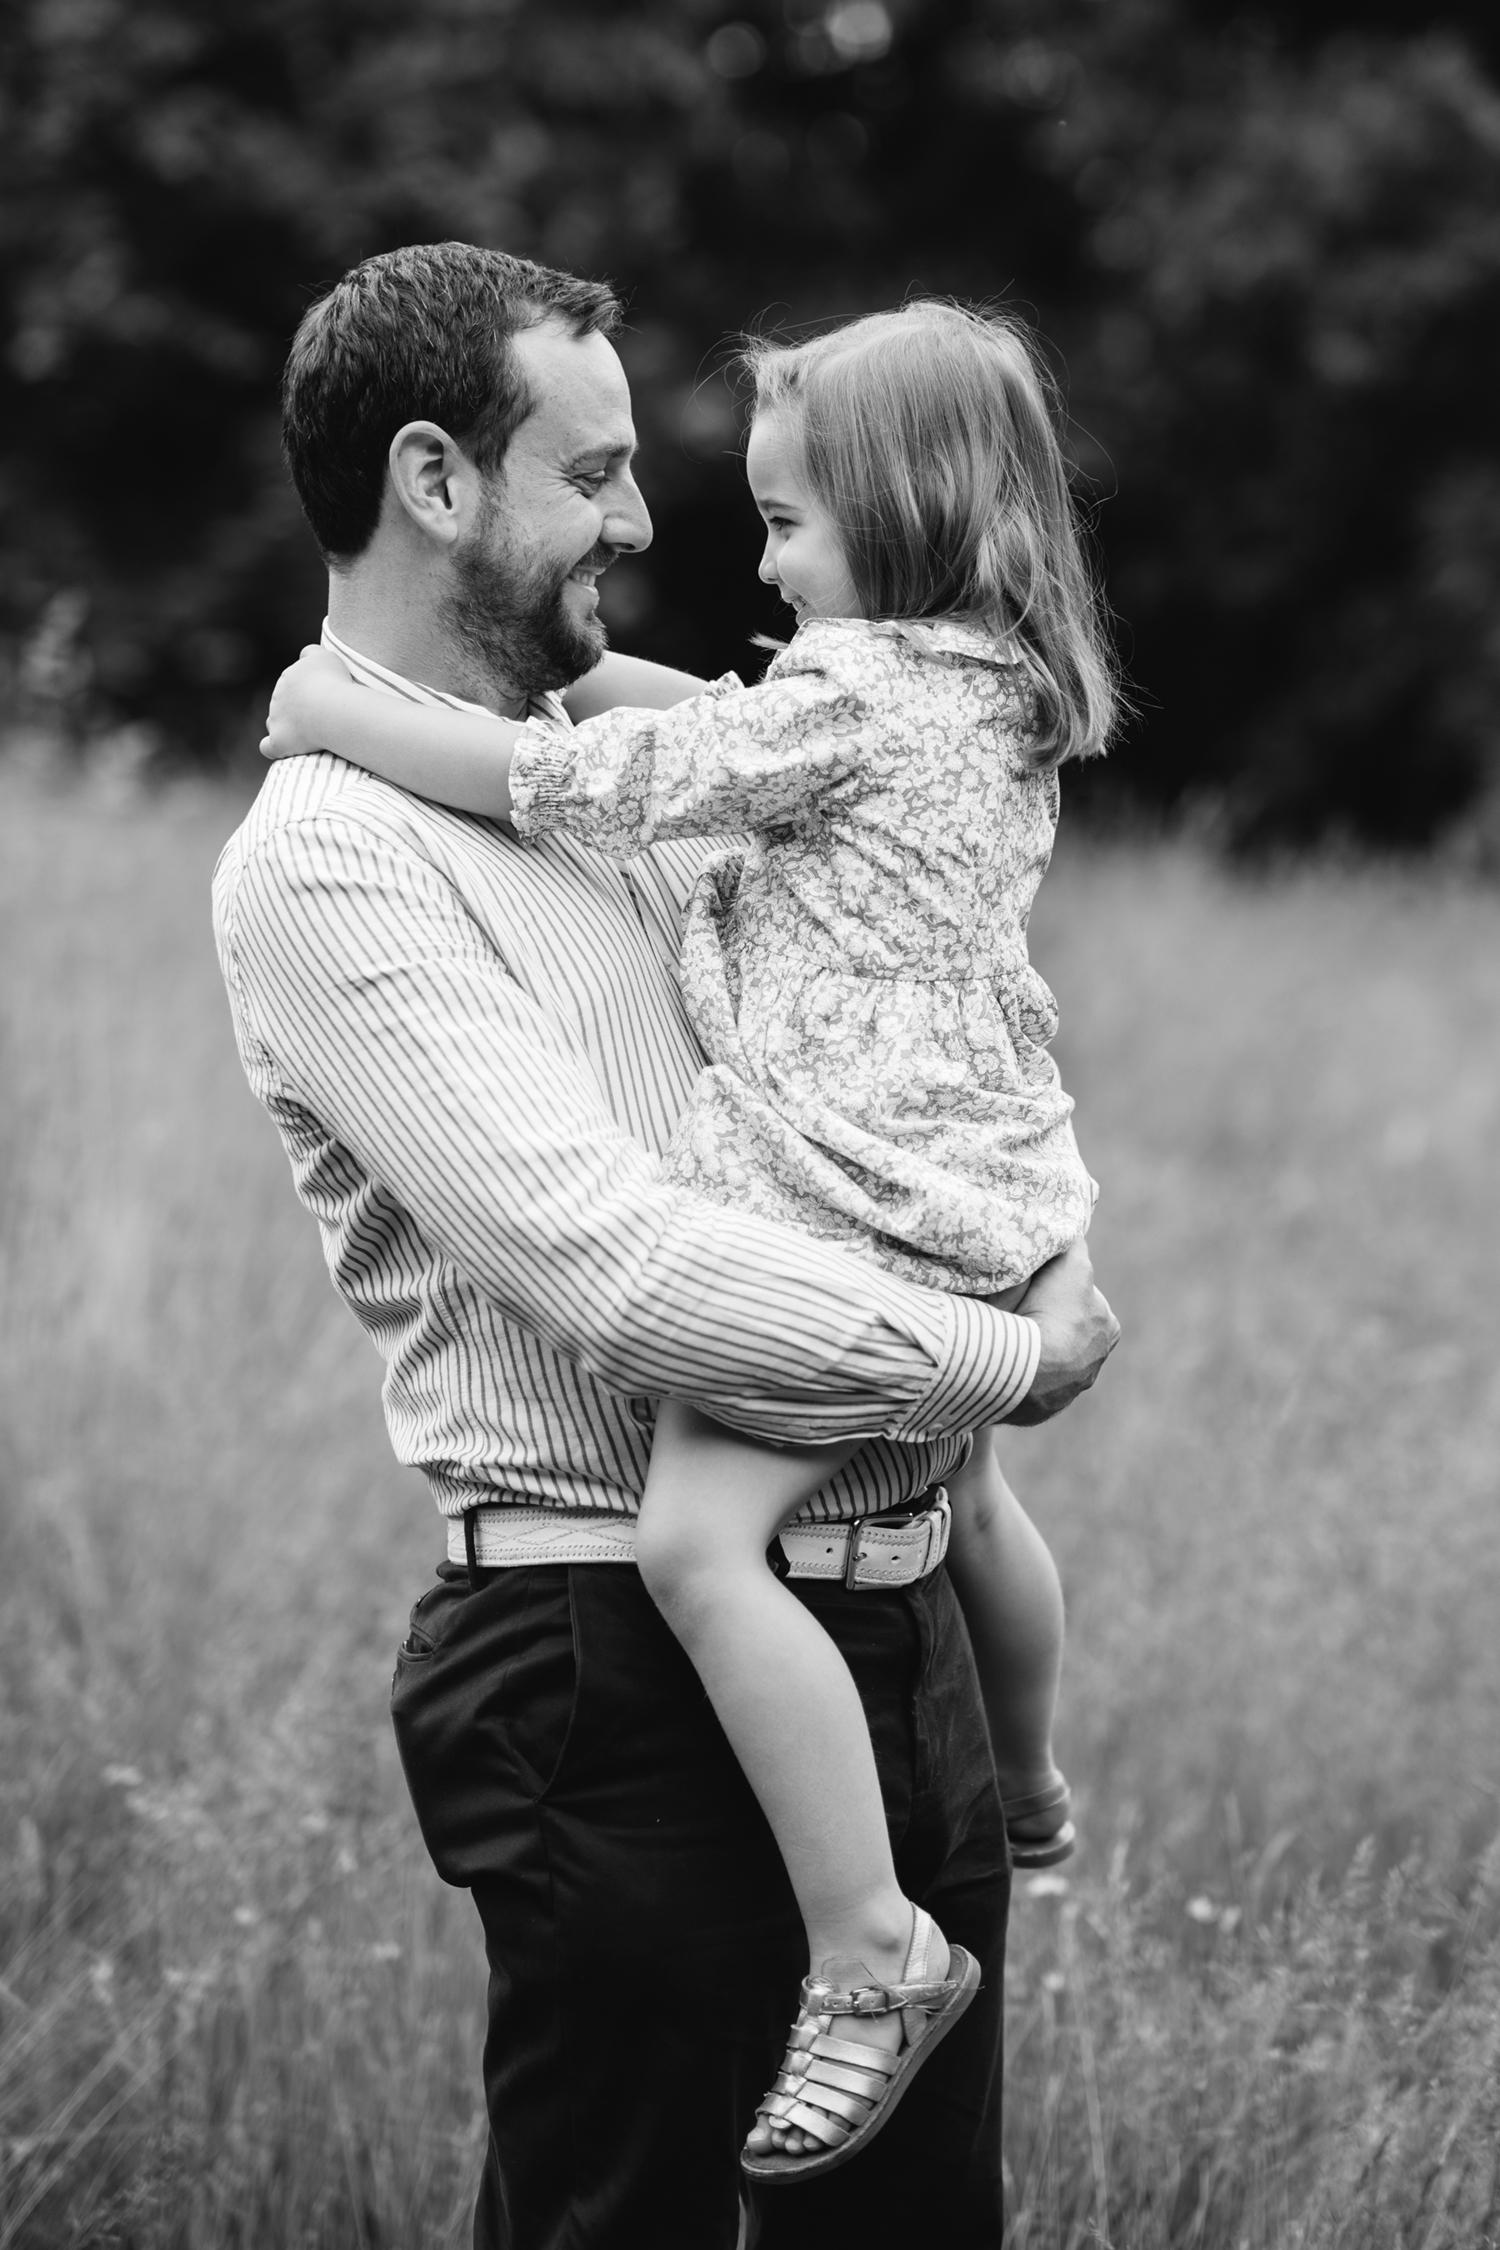 Hampstead-Heath-Family-Photographer-016.jpg